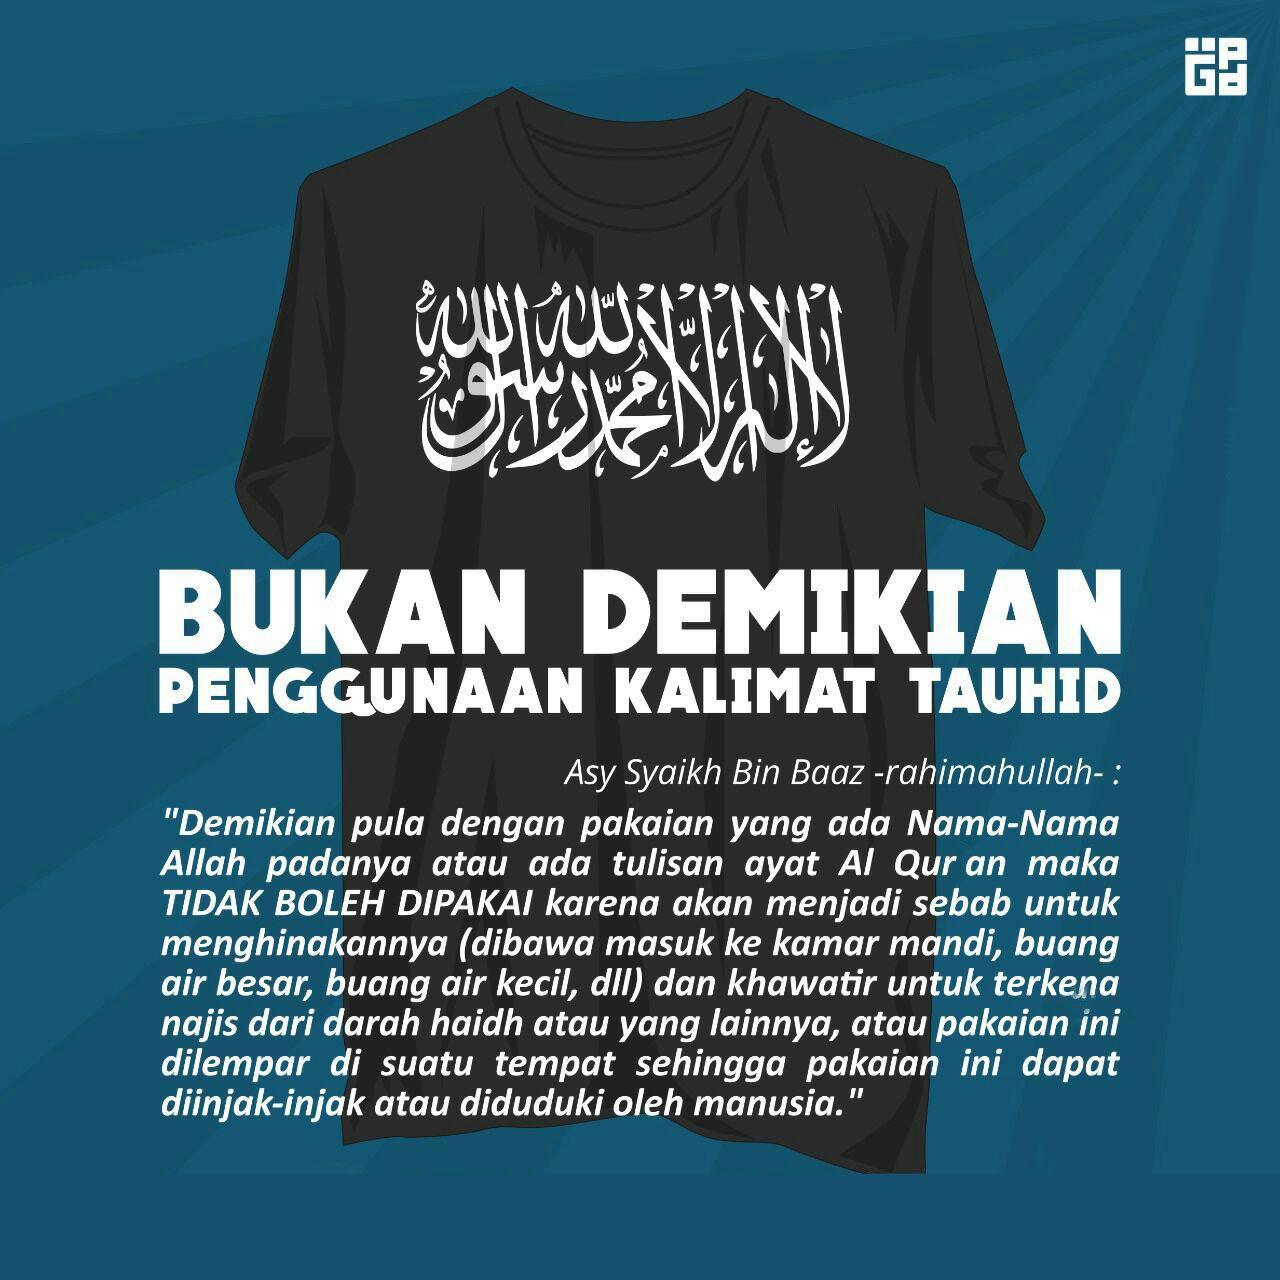 CARA MENYIKAPI ATRIBUT BERTULISKAN KALIMAT TAUHID Qur'an